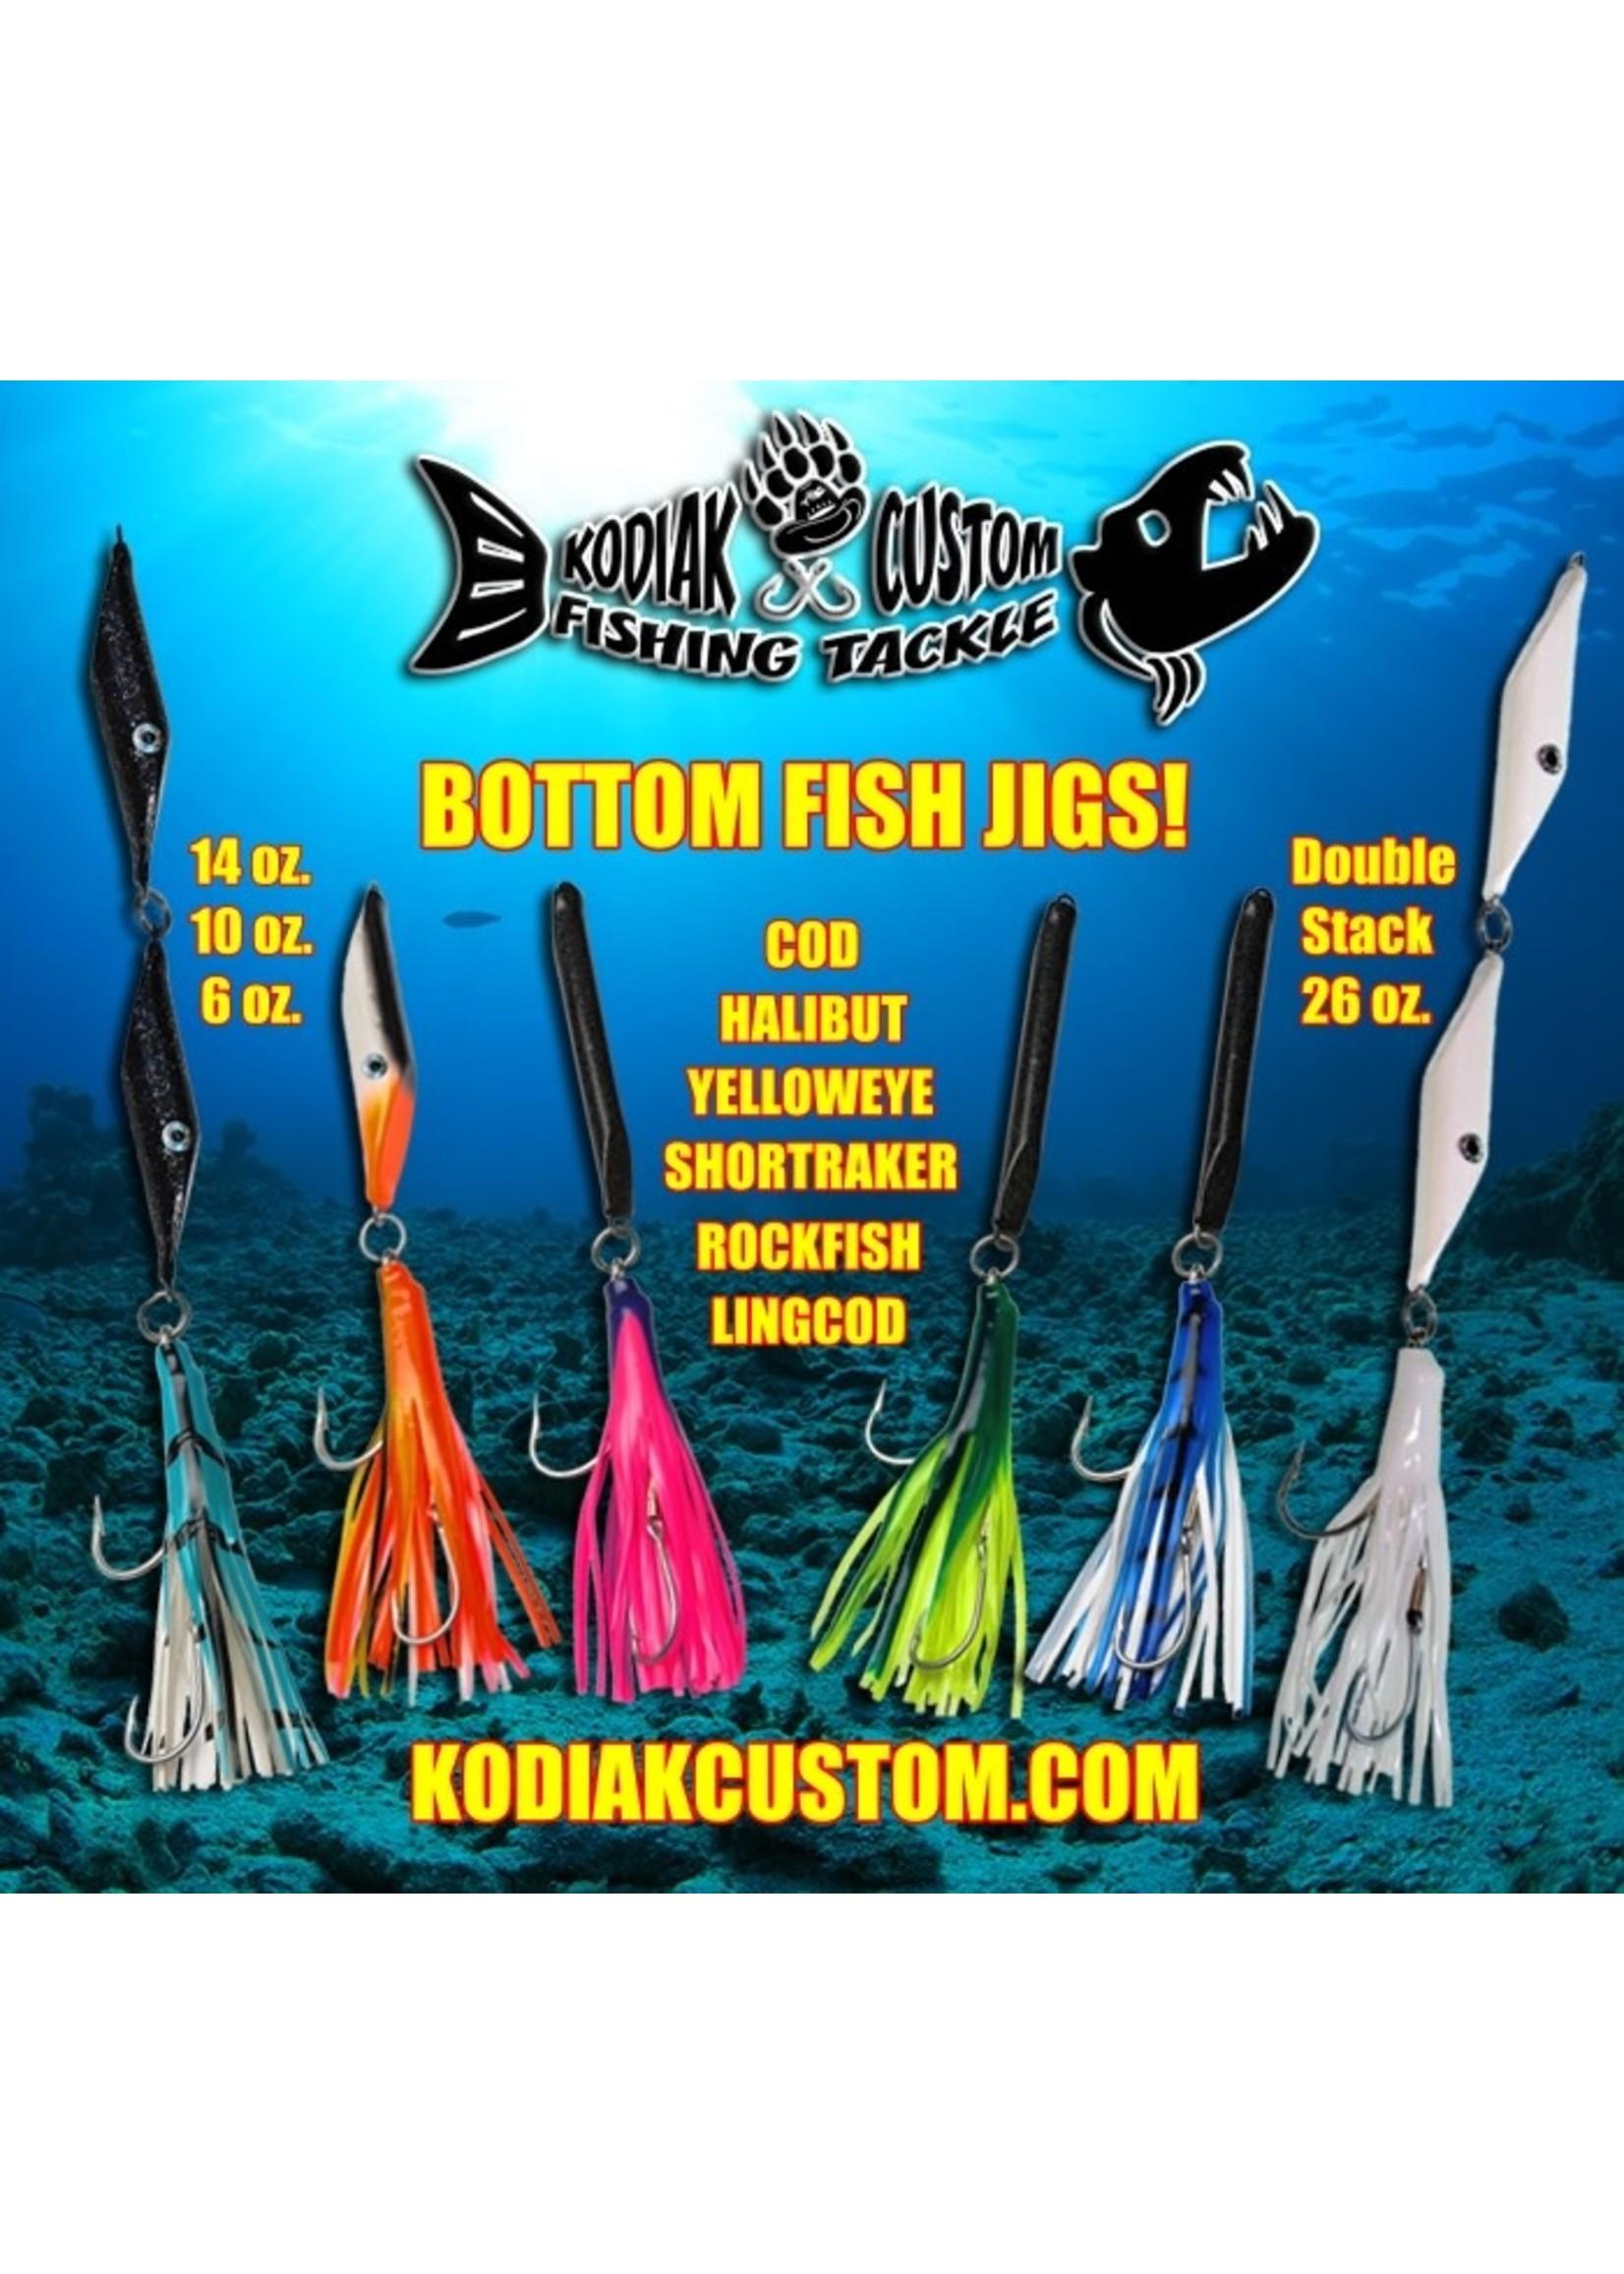 KODIAK CUSTOM FISHING Kodiak Bottom Fish Jig 14oz